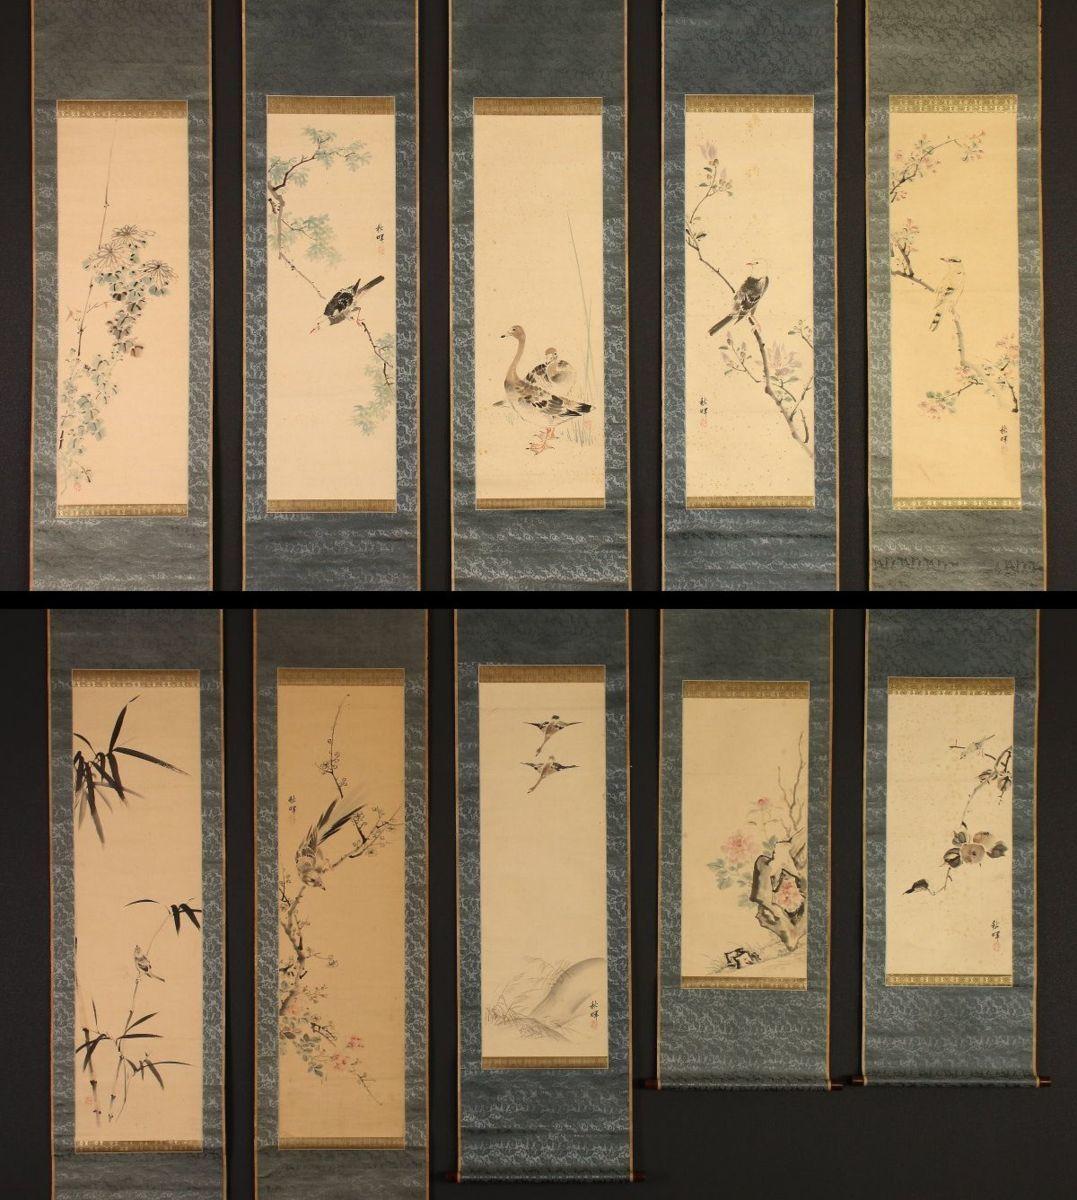 【模写】【伝来】mz5869〈岡本秋暉〉十幅対 花鳥図 渡辺崋山門下 江戸の人